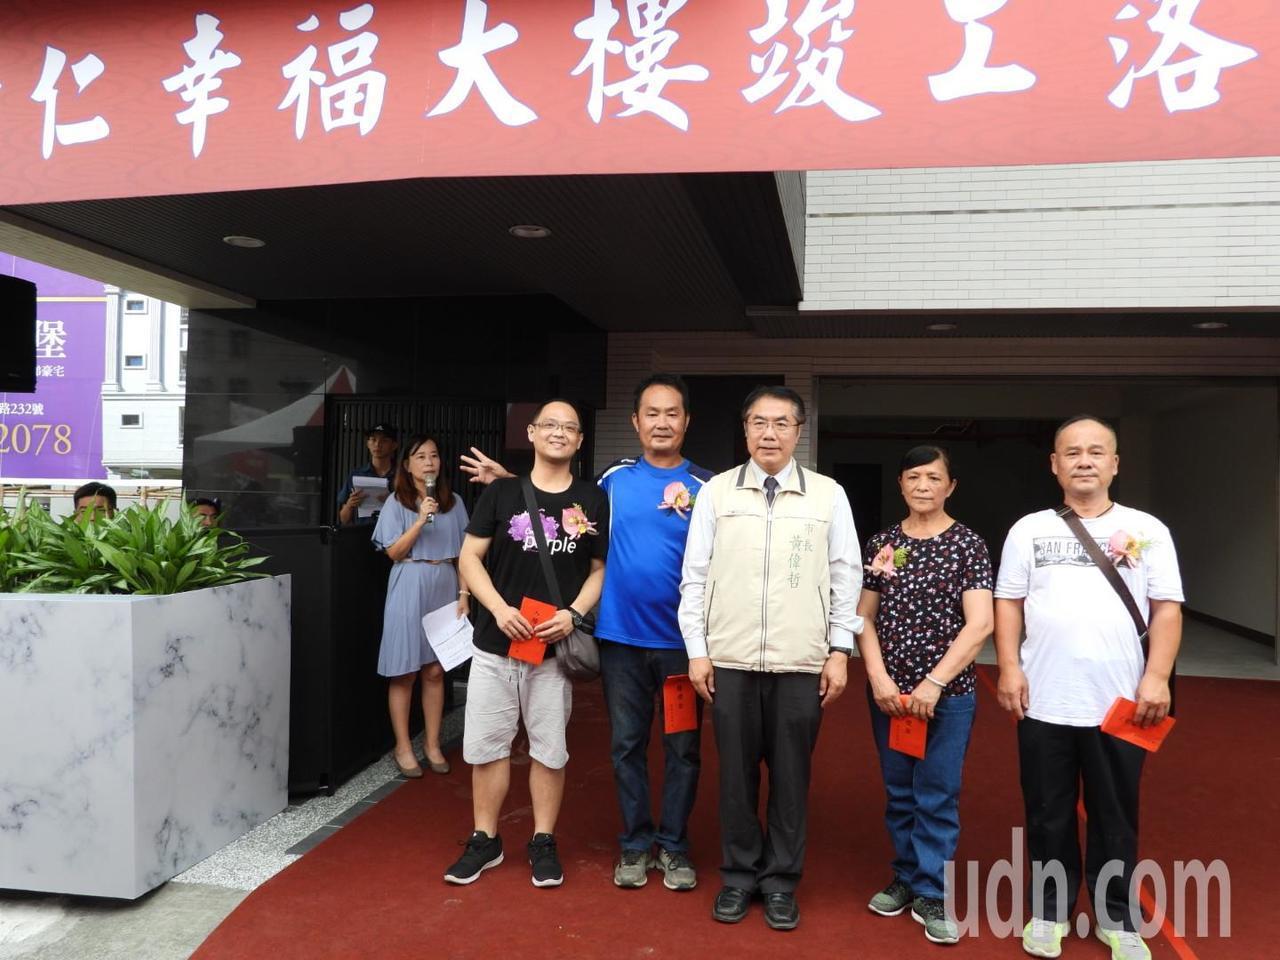 台南震災重建3年,第一棟完工重建公寓大樓今落成,住戶非常感謝。記者周宗禎/攝影